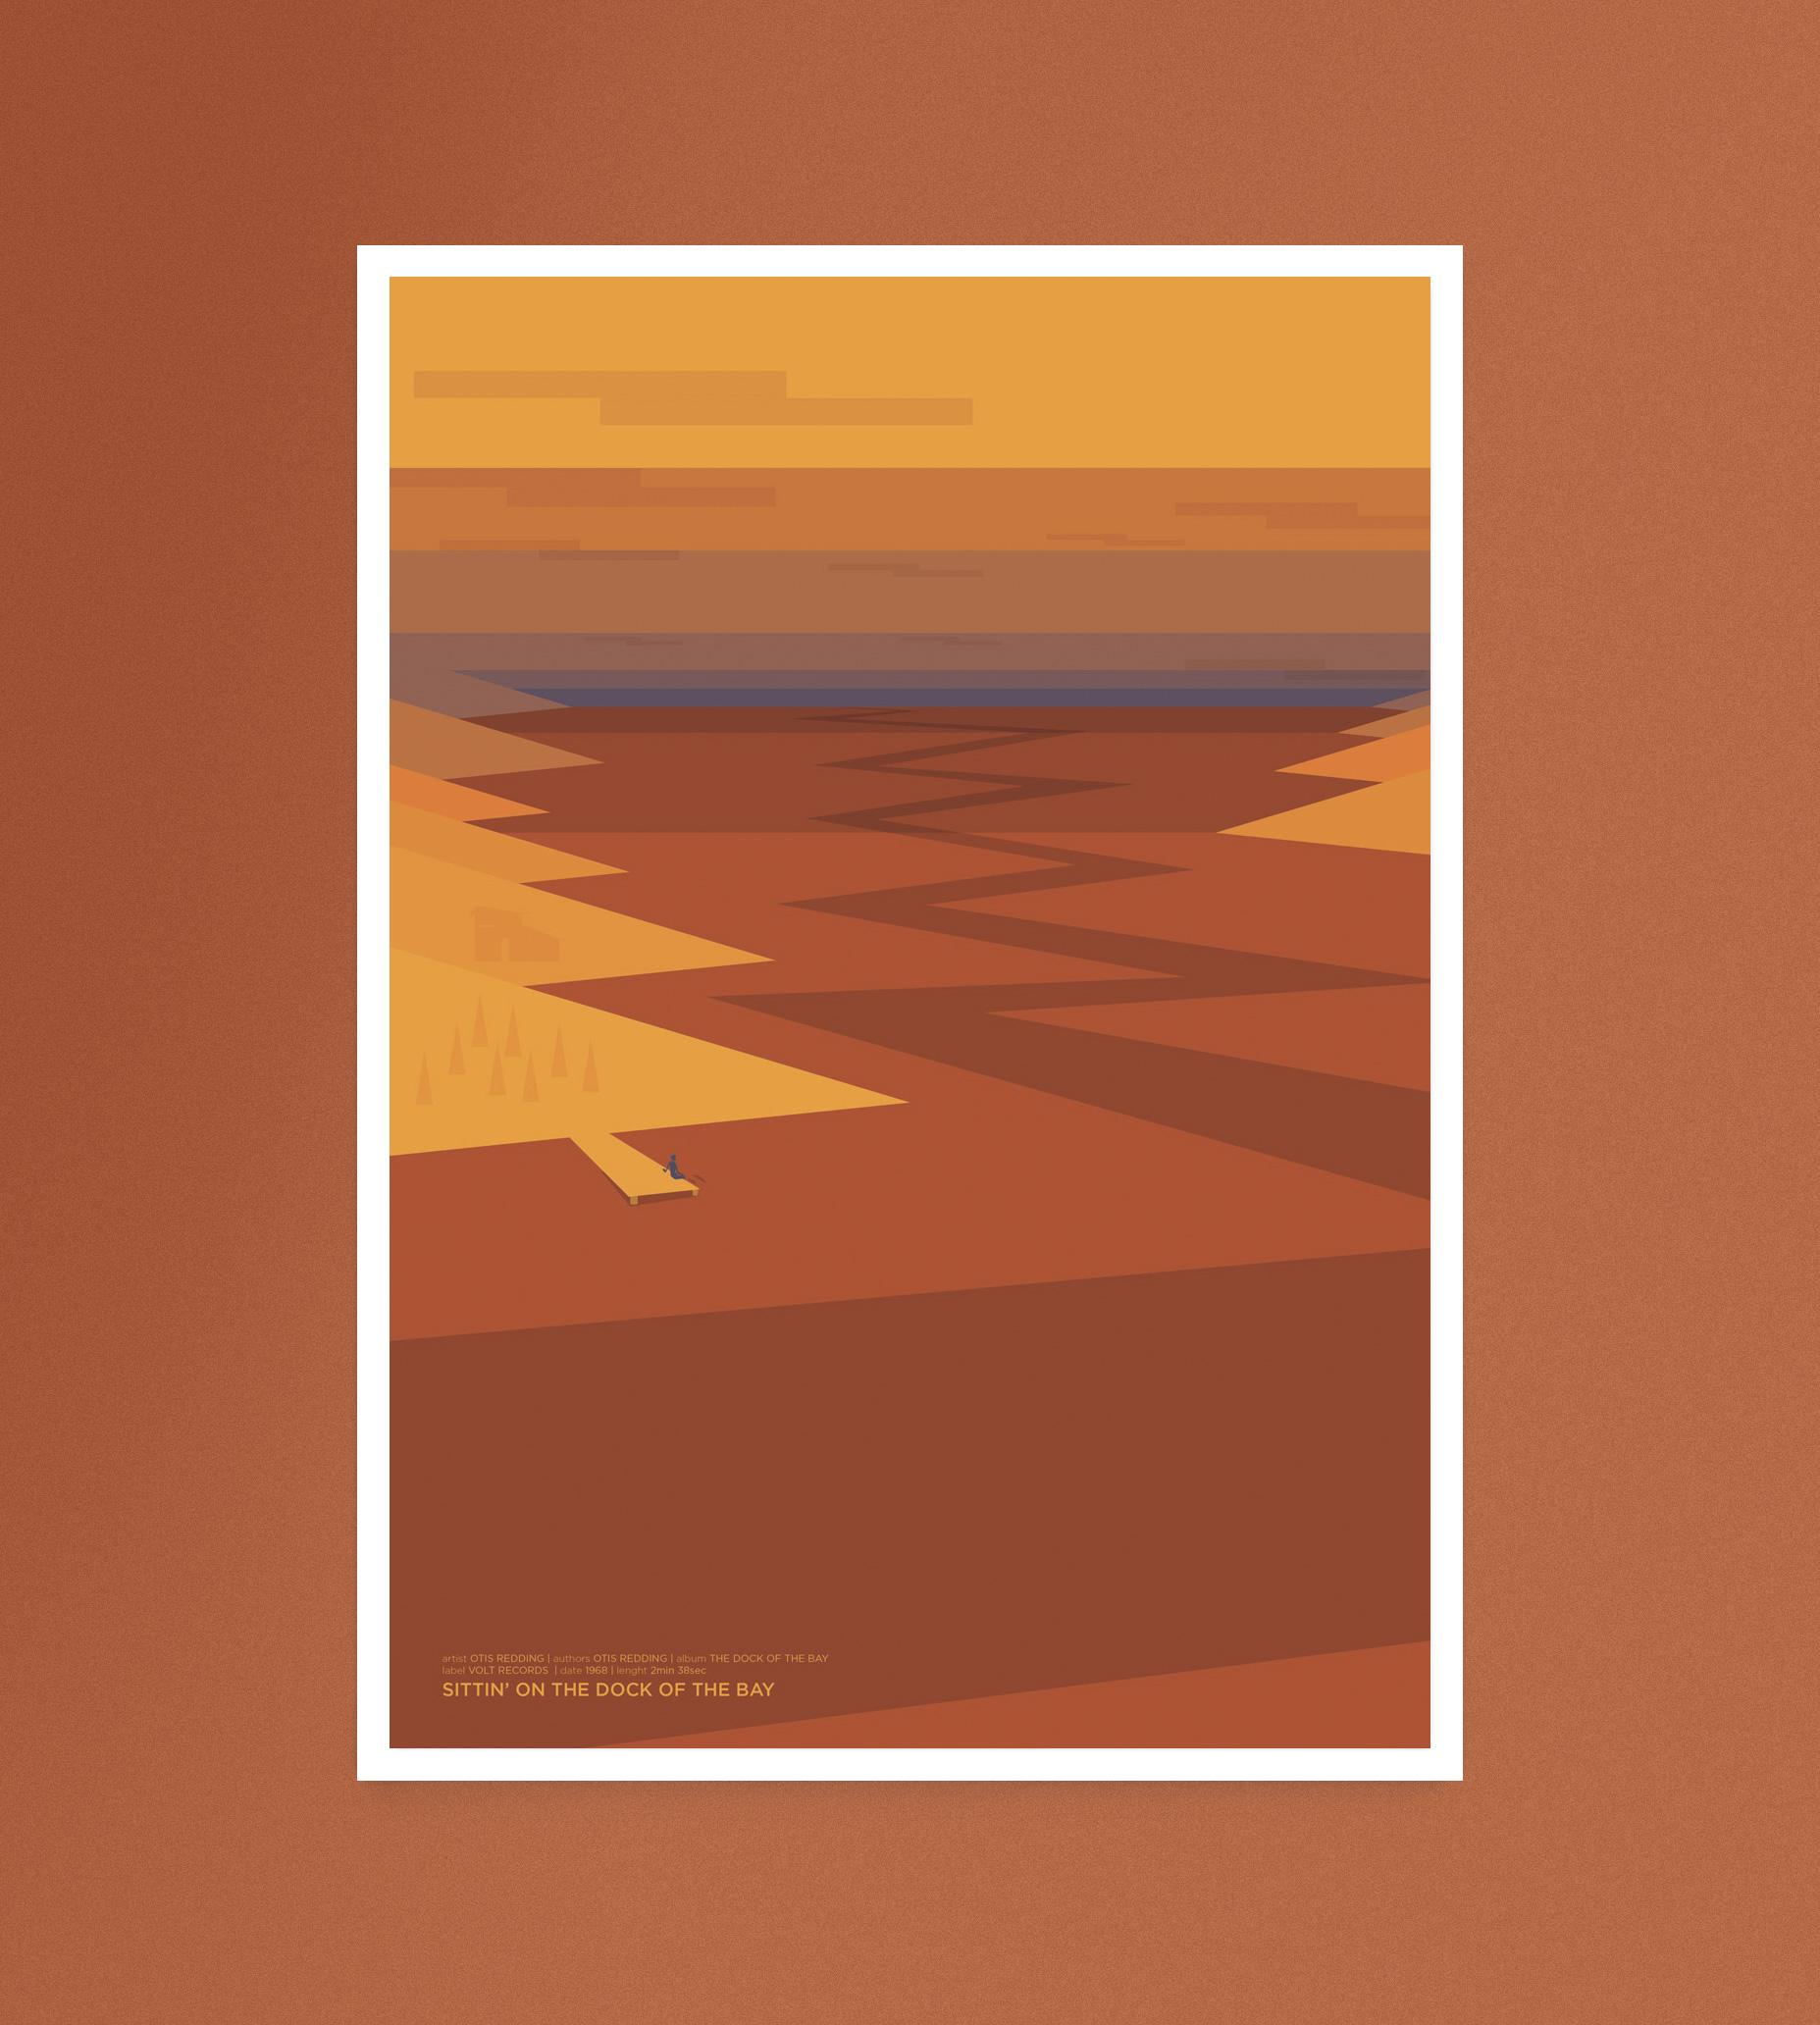 Sittin on the dock of the bay, un panorama al tramonto, un fiume che attraversa placido un valle piena di anse e colline ed un uomo sul molo